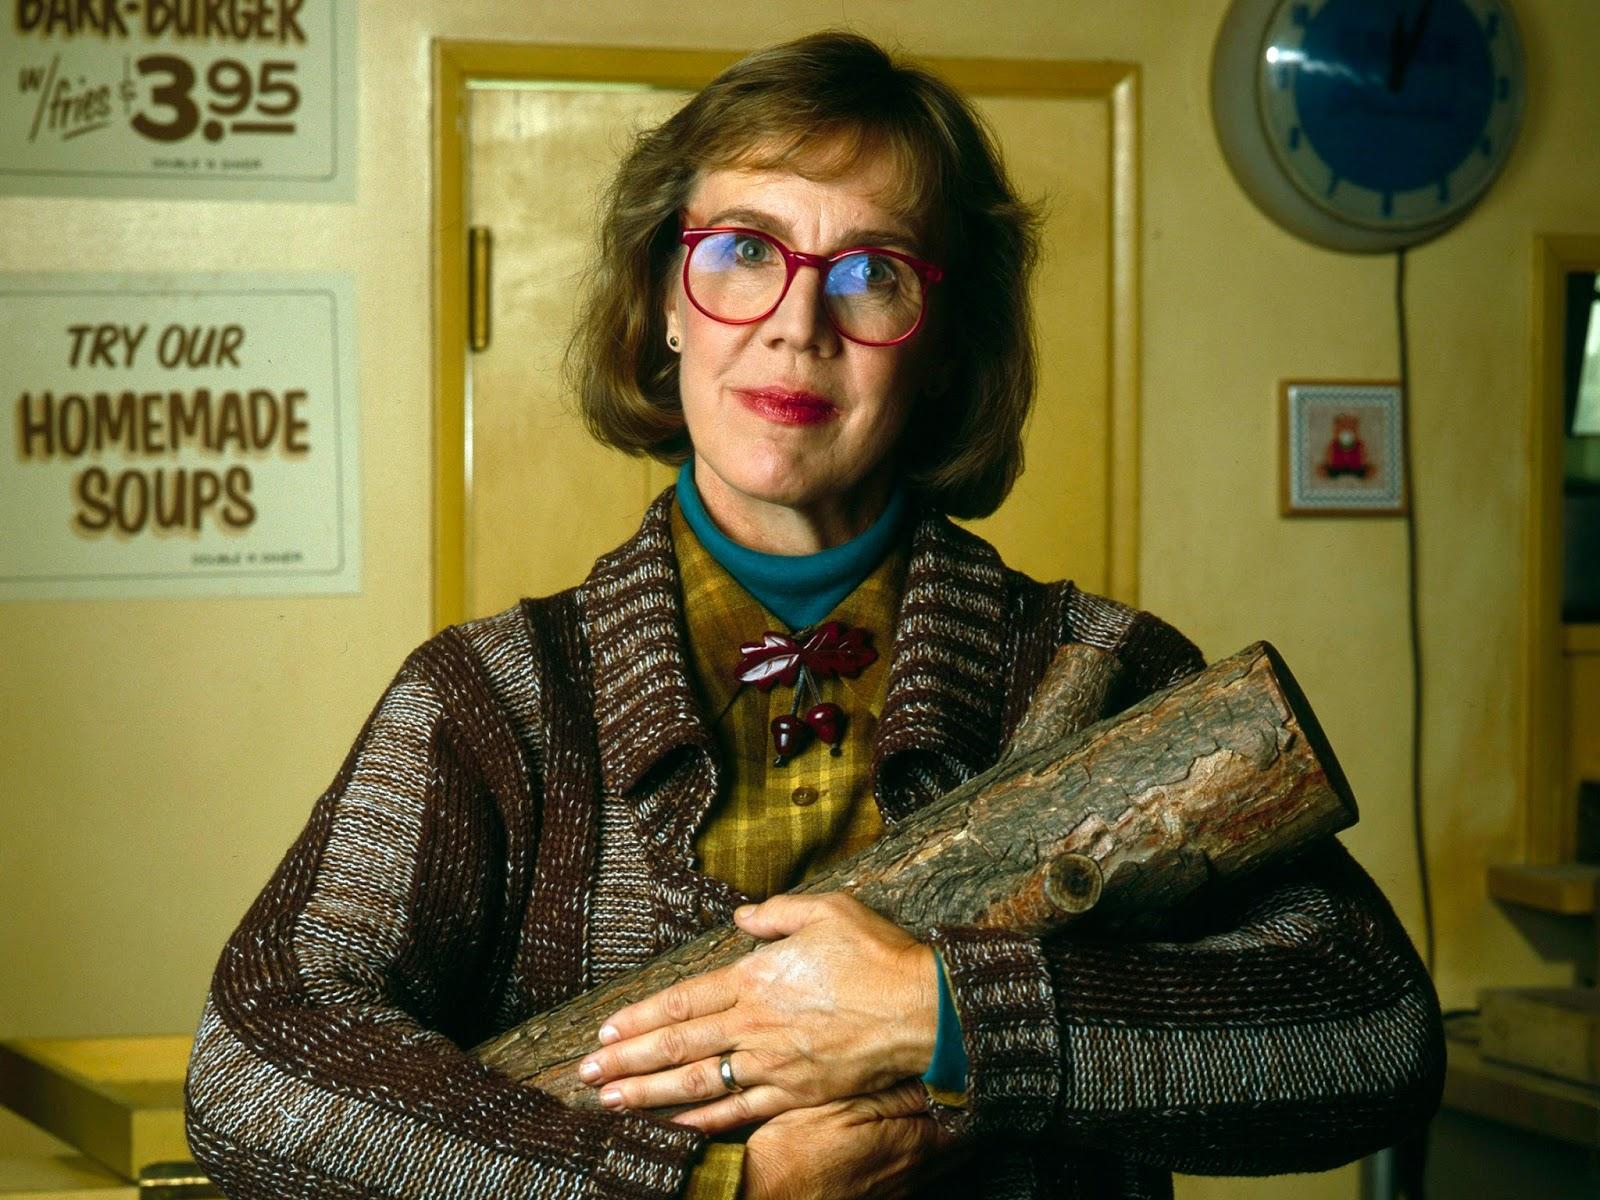 La señora del leño de 'Twin Peaks'